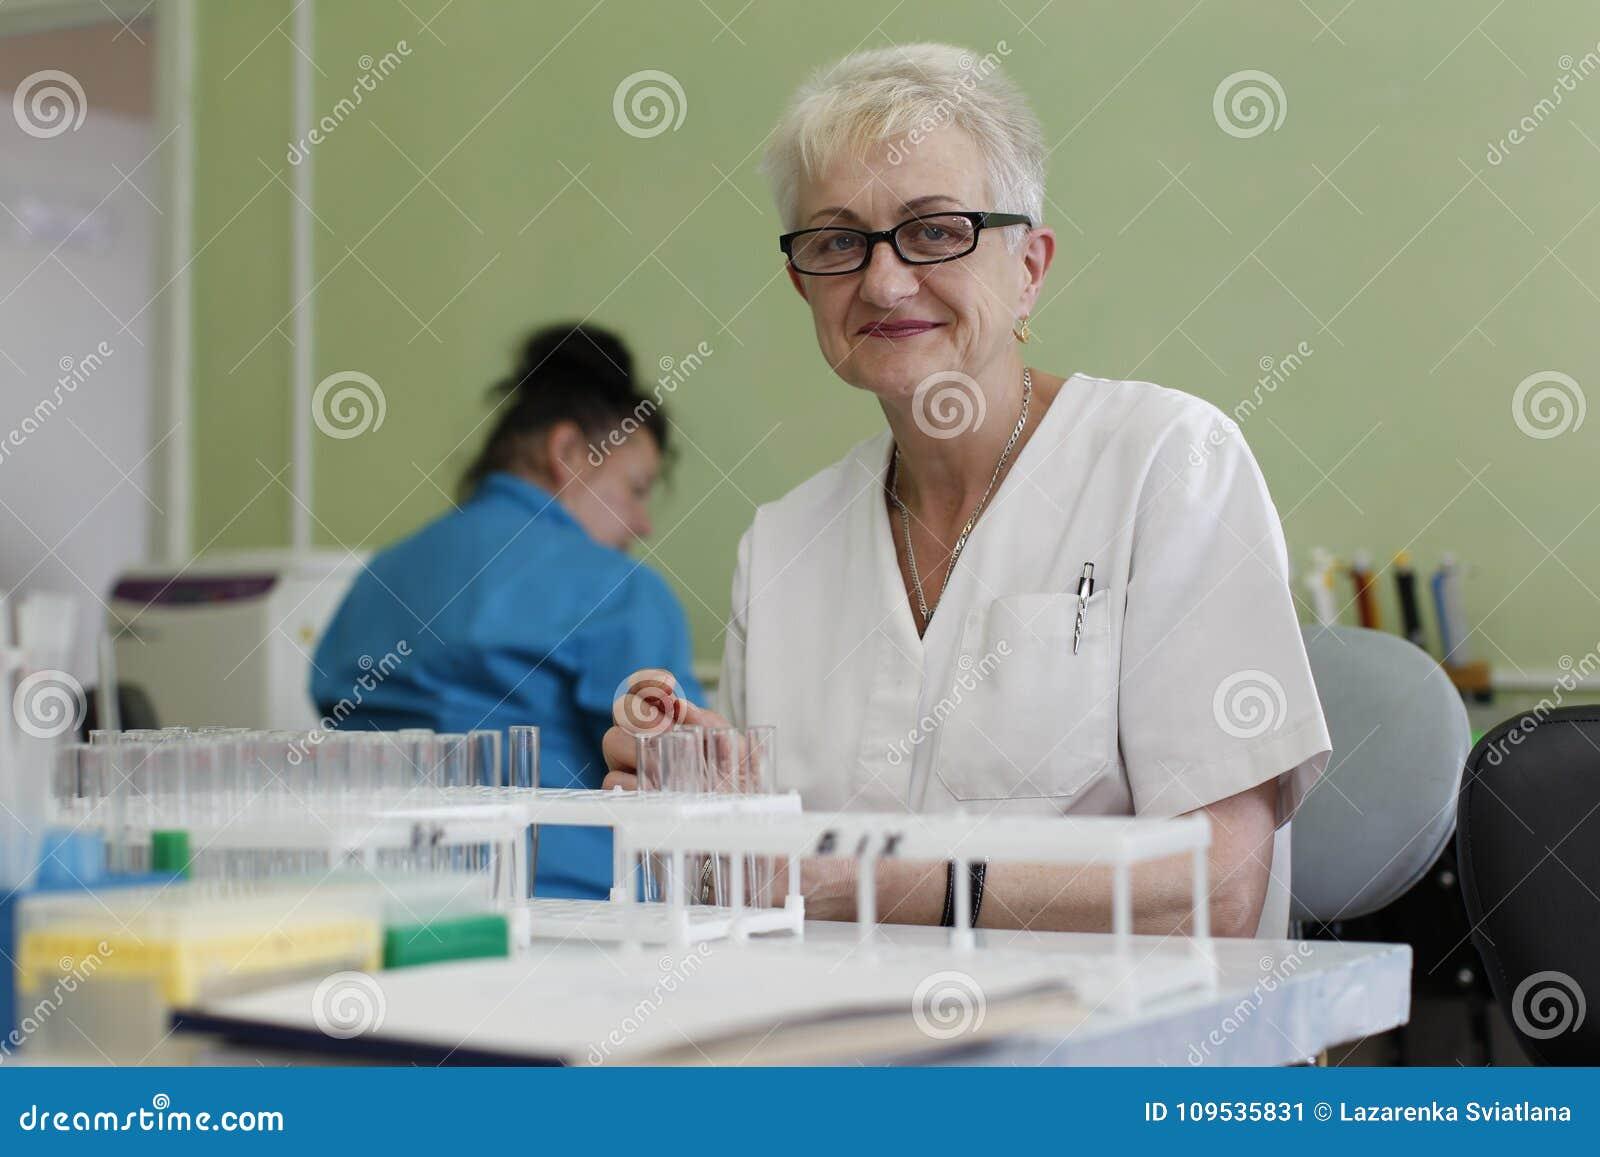 De gezondheidsarbeider controleert de tests